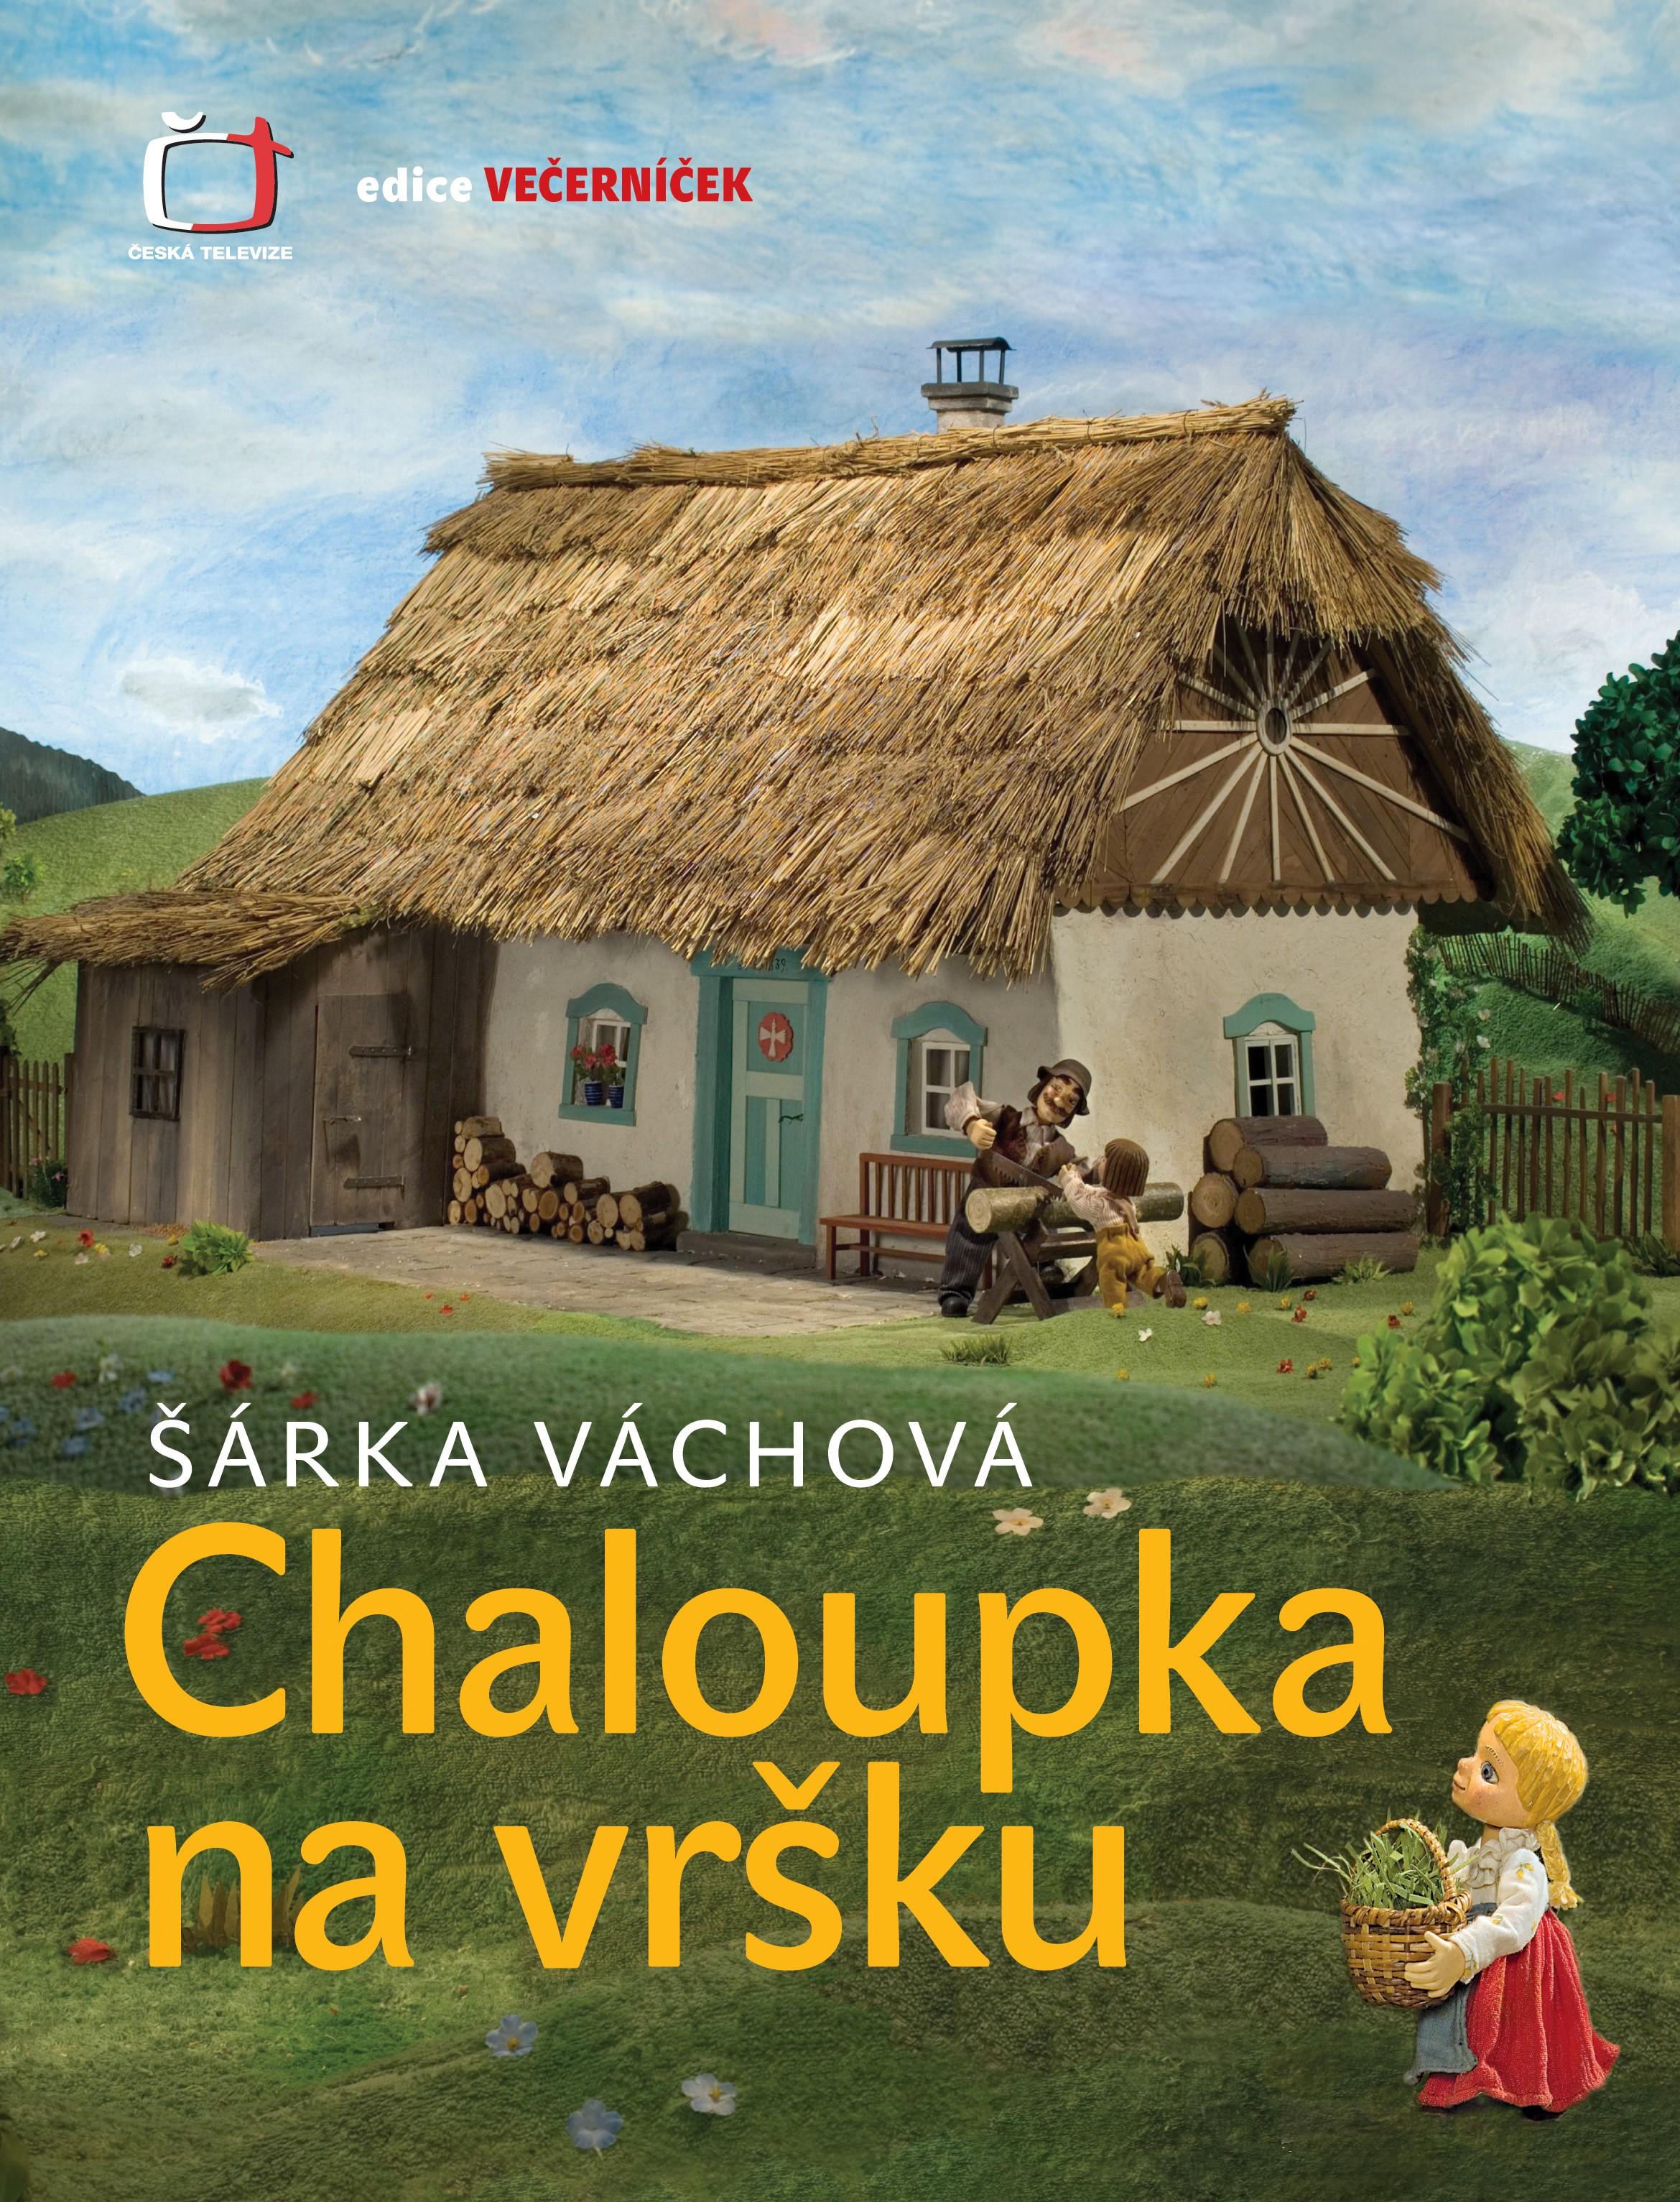 Chaloupka na vršku | Šárka Váchová, Vladimír Vimr